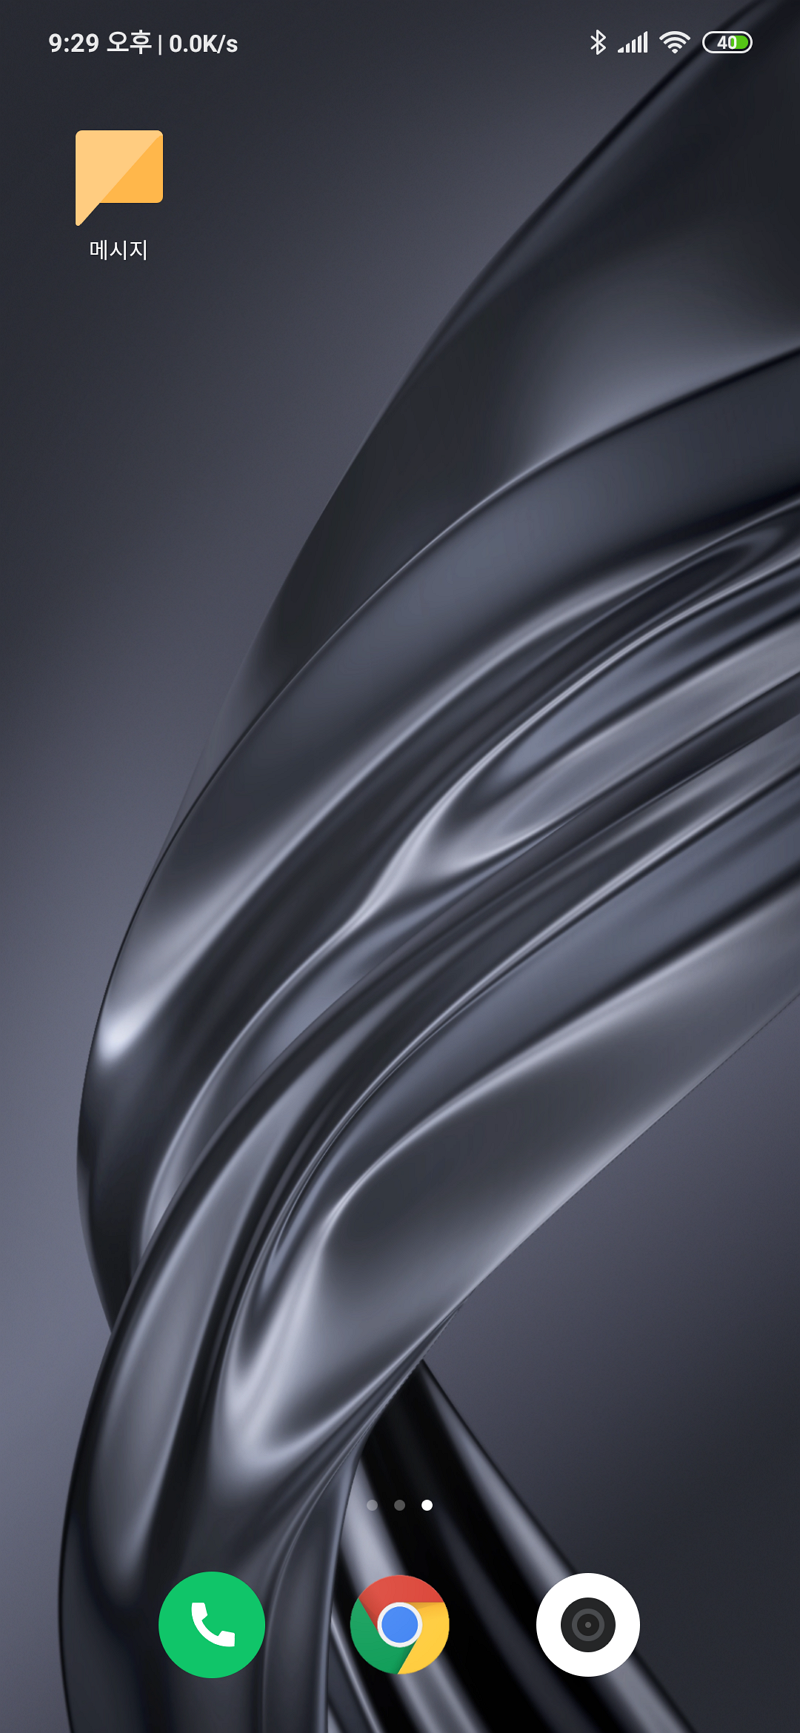 홍미노트7(레드미노트7) 앱 폴더 생성 및 폴더이름 수정 방법